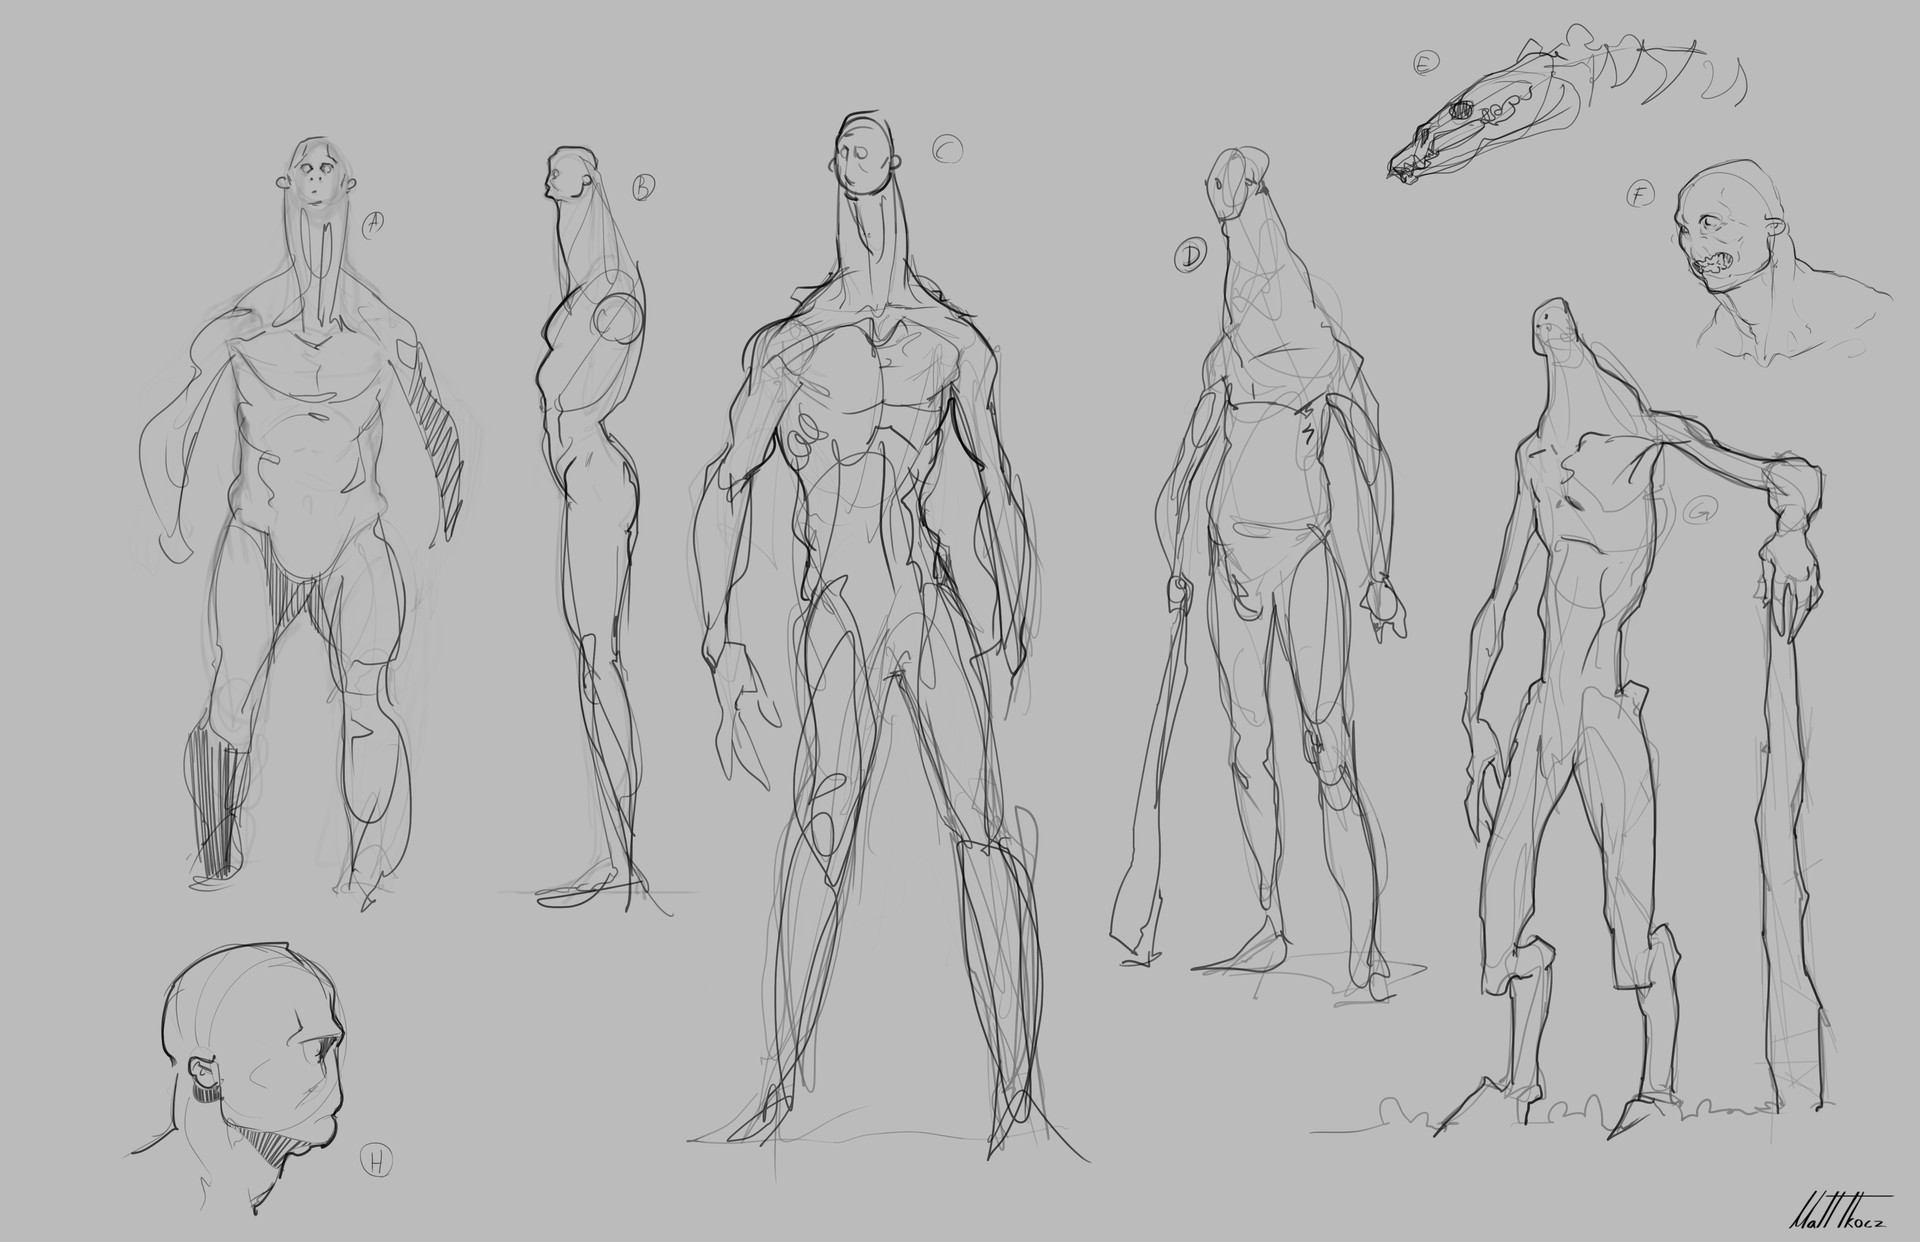 Matt tkocz giants sketches3